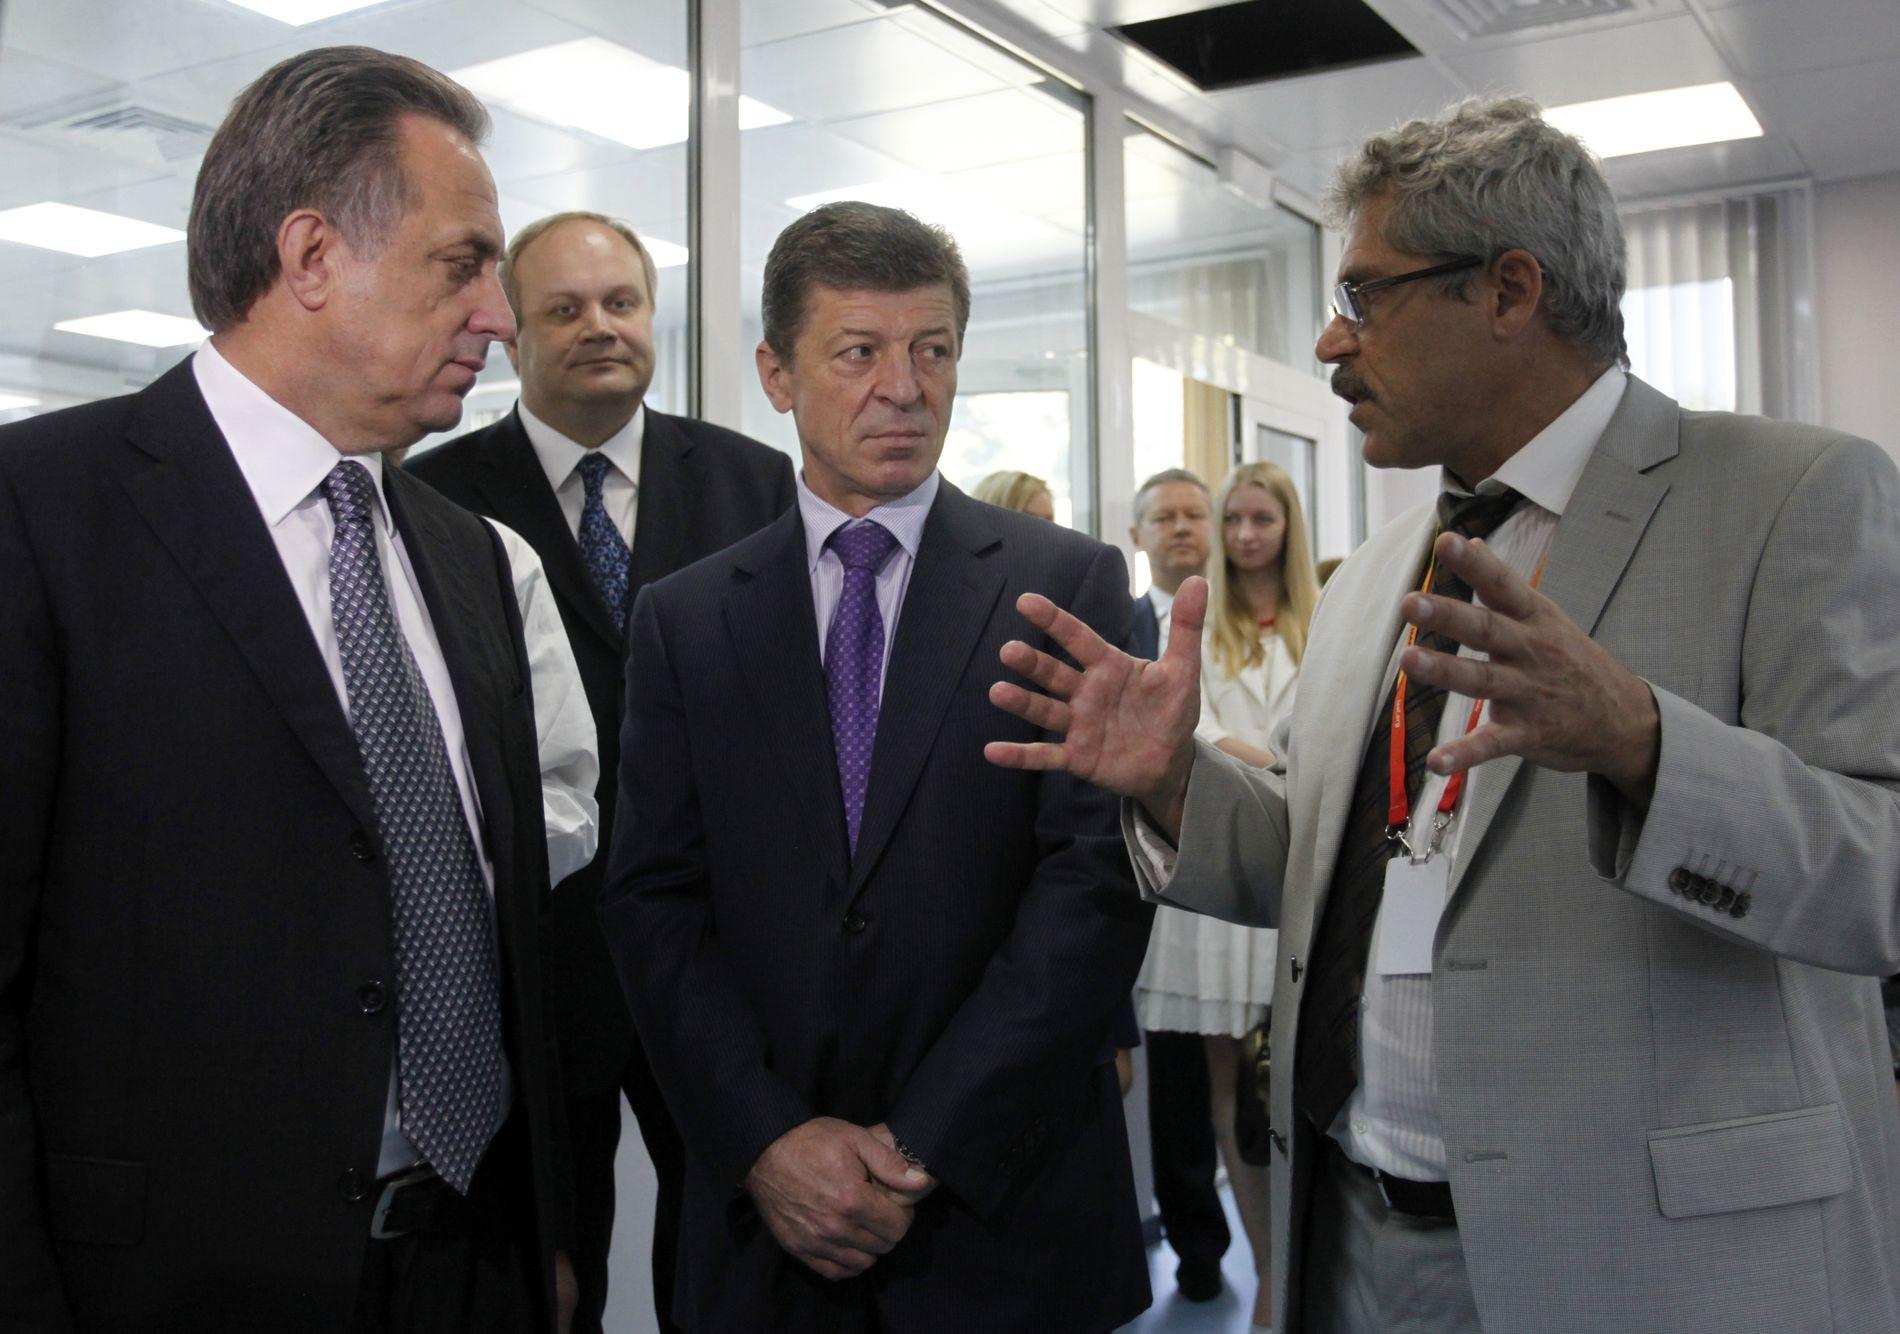 LAG-BESØK: Grigorij Rodtsjenkov (t.h.) har her besøk av daværende sportsminister Vitalij Mutko (t.v.) på dopinglaboratoriet i Moskva. Mutko er utestengt fra OL på livstid, men har anket avgjørelsen til CAS.